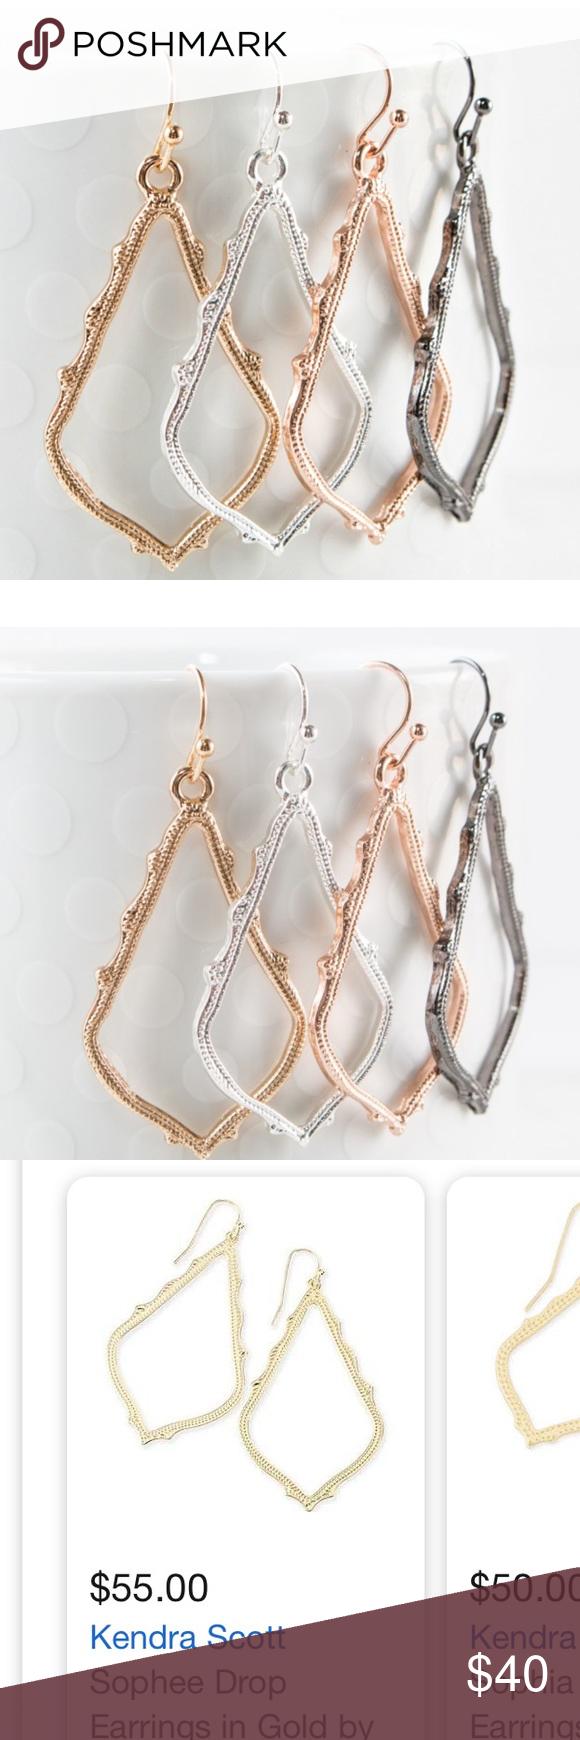 Kendra Scott Look Alike Jewelry : kendra, scott, alike, jewelry, Picks